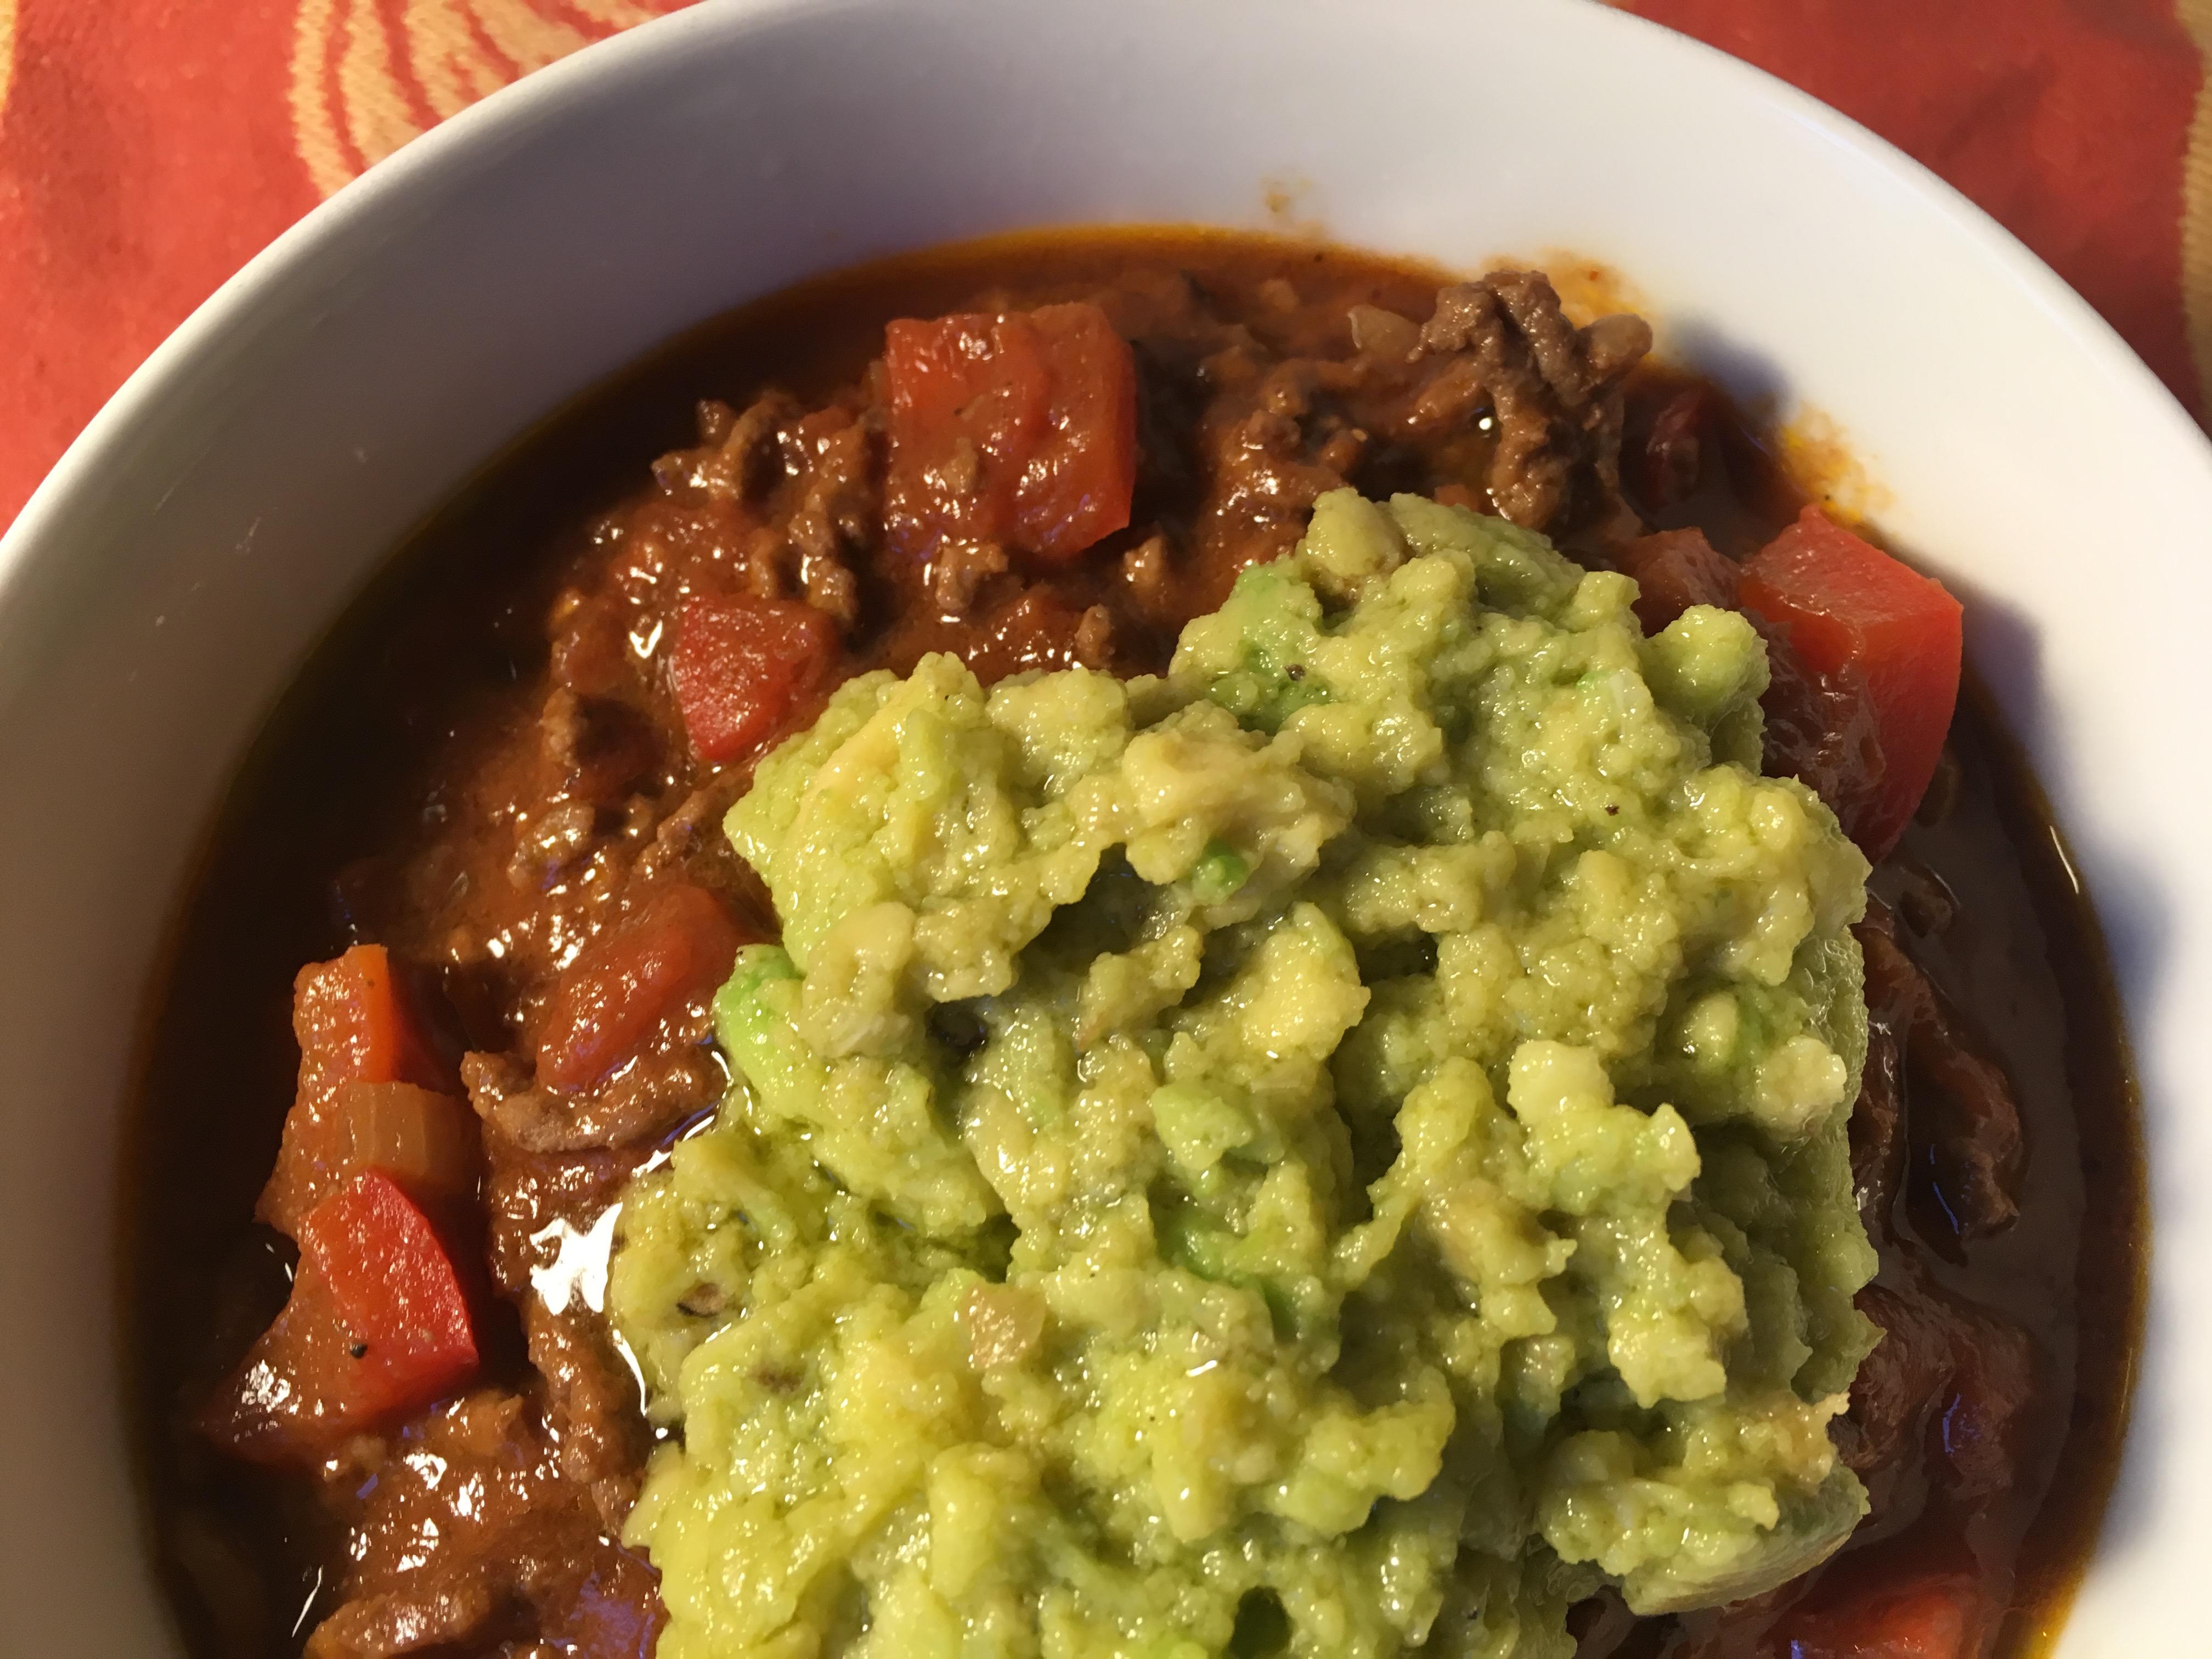 Chili Guacamole